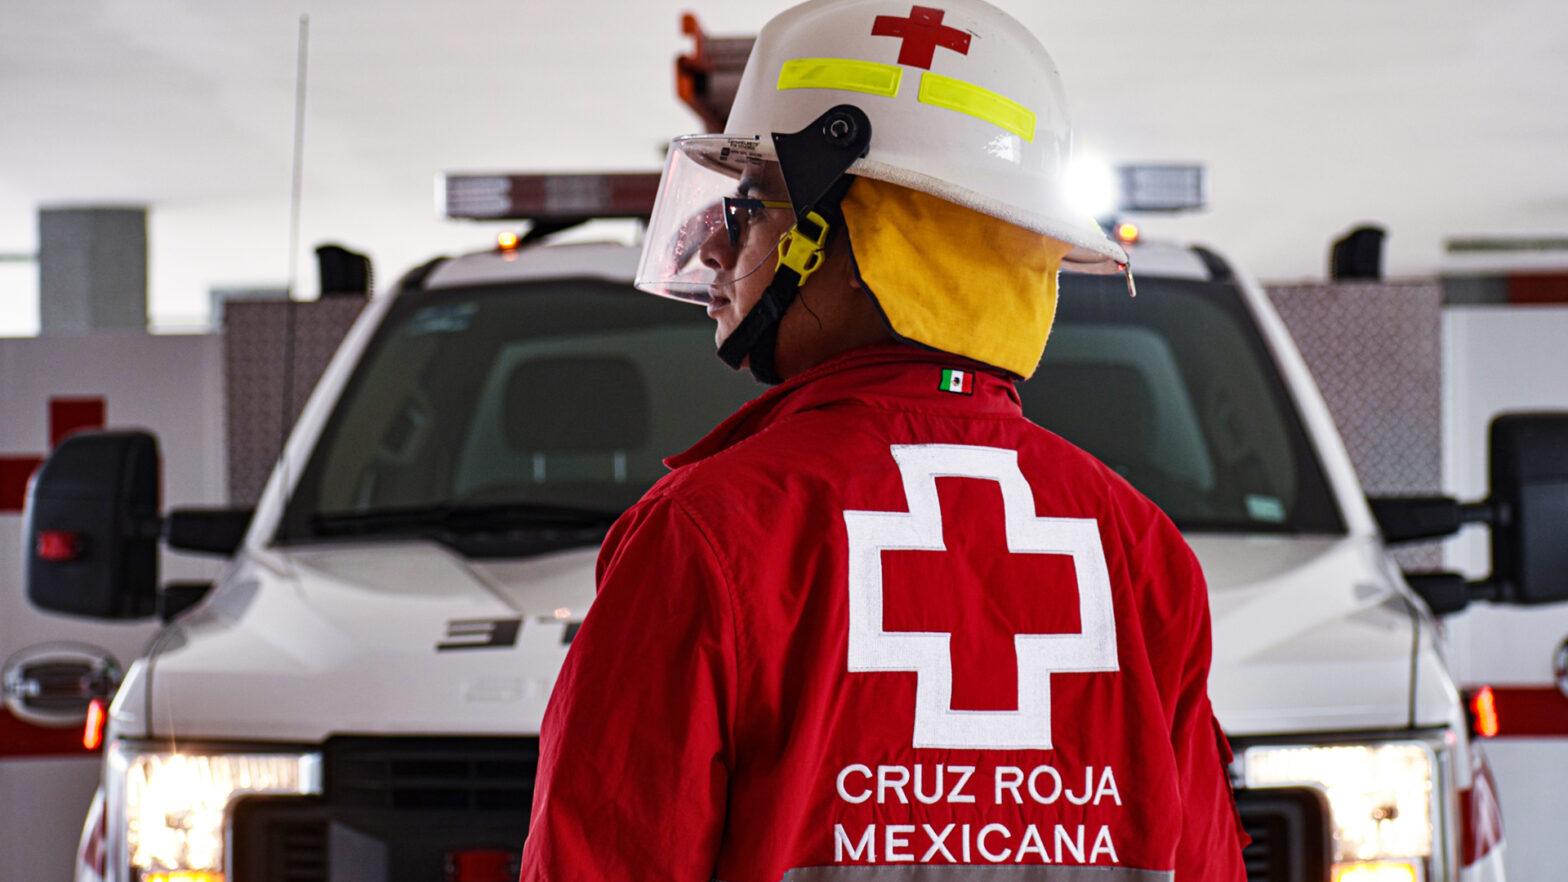 Durante su conferencia matutina dijo, que se debe tomar en cuenta la importante labor que la Cruz Roja Mexicana realiza.